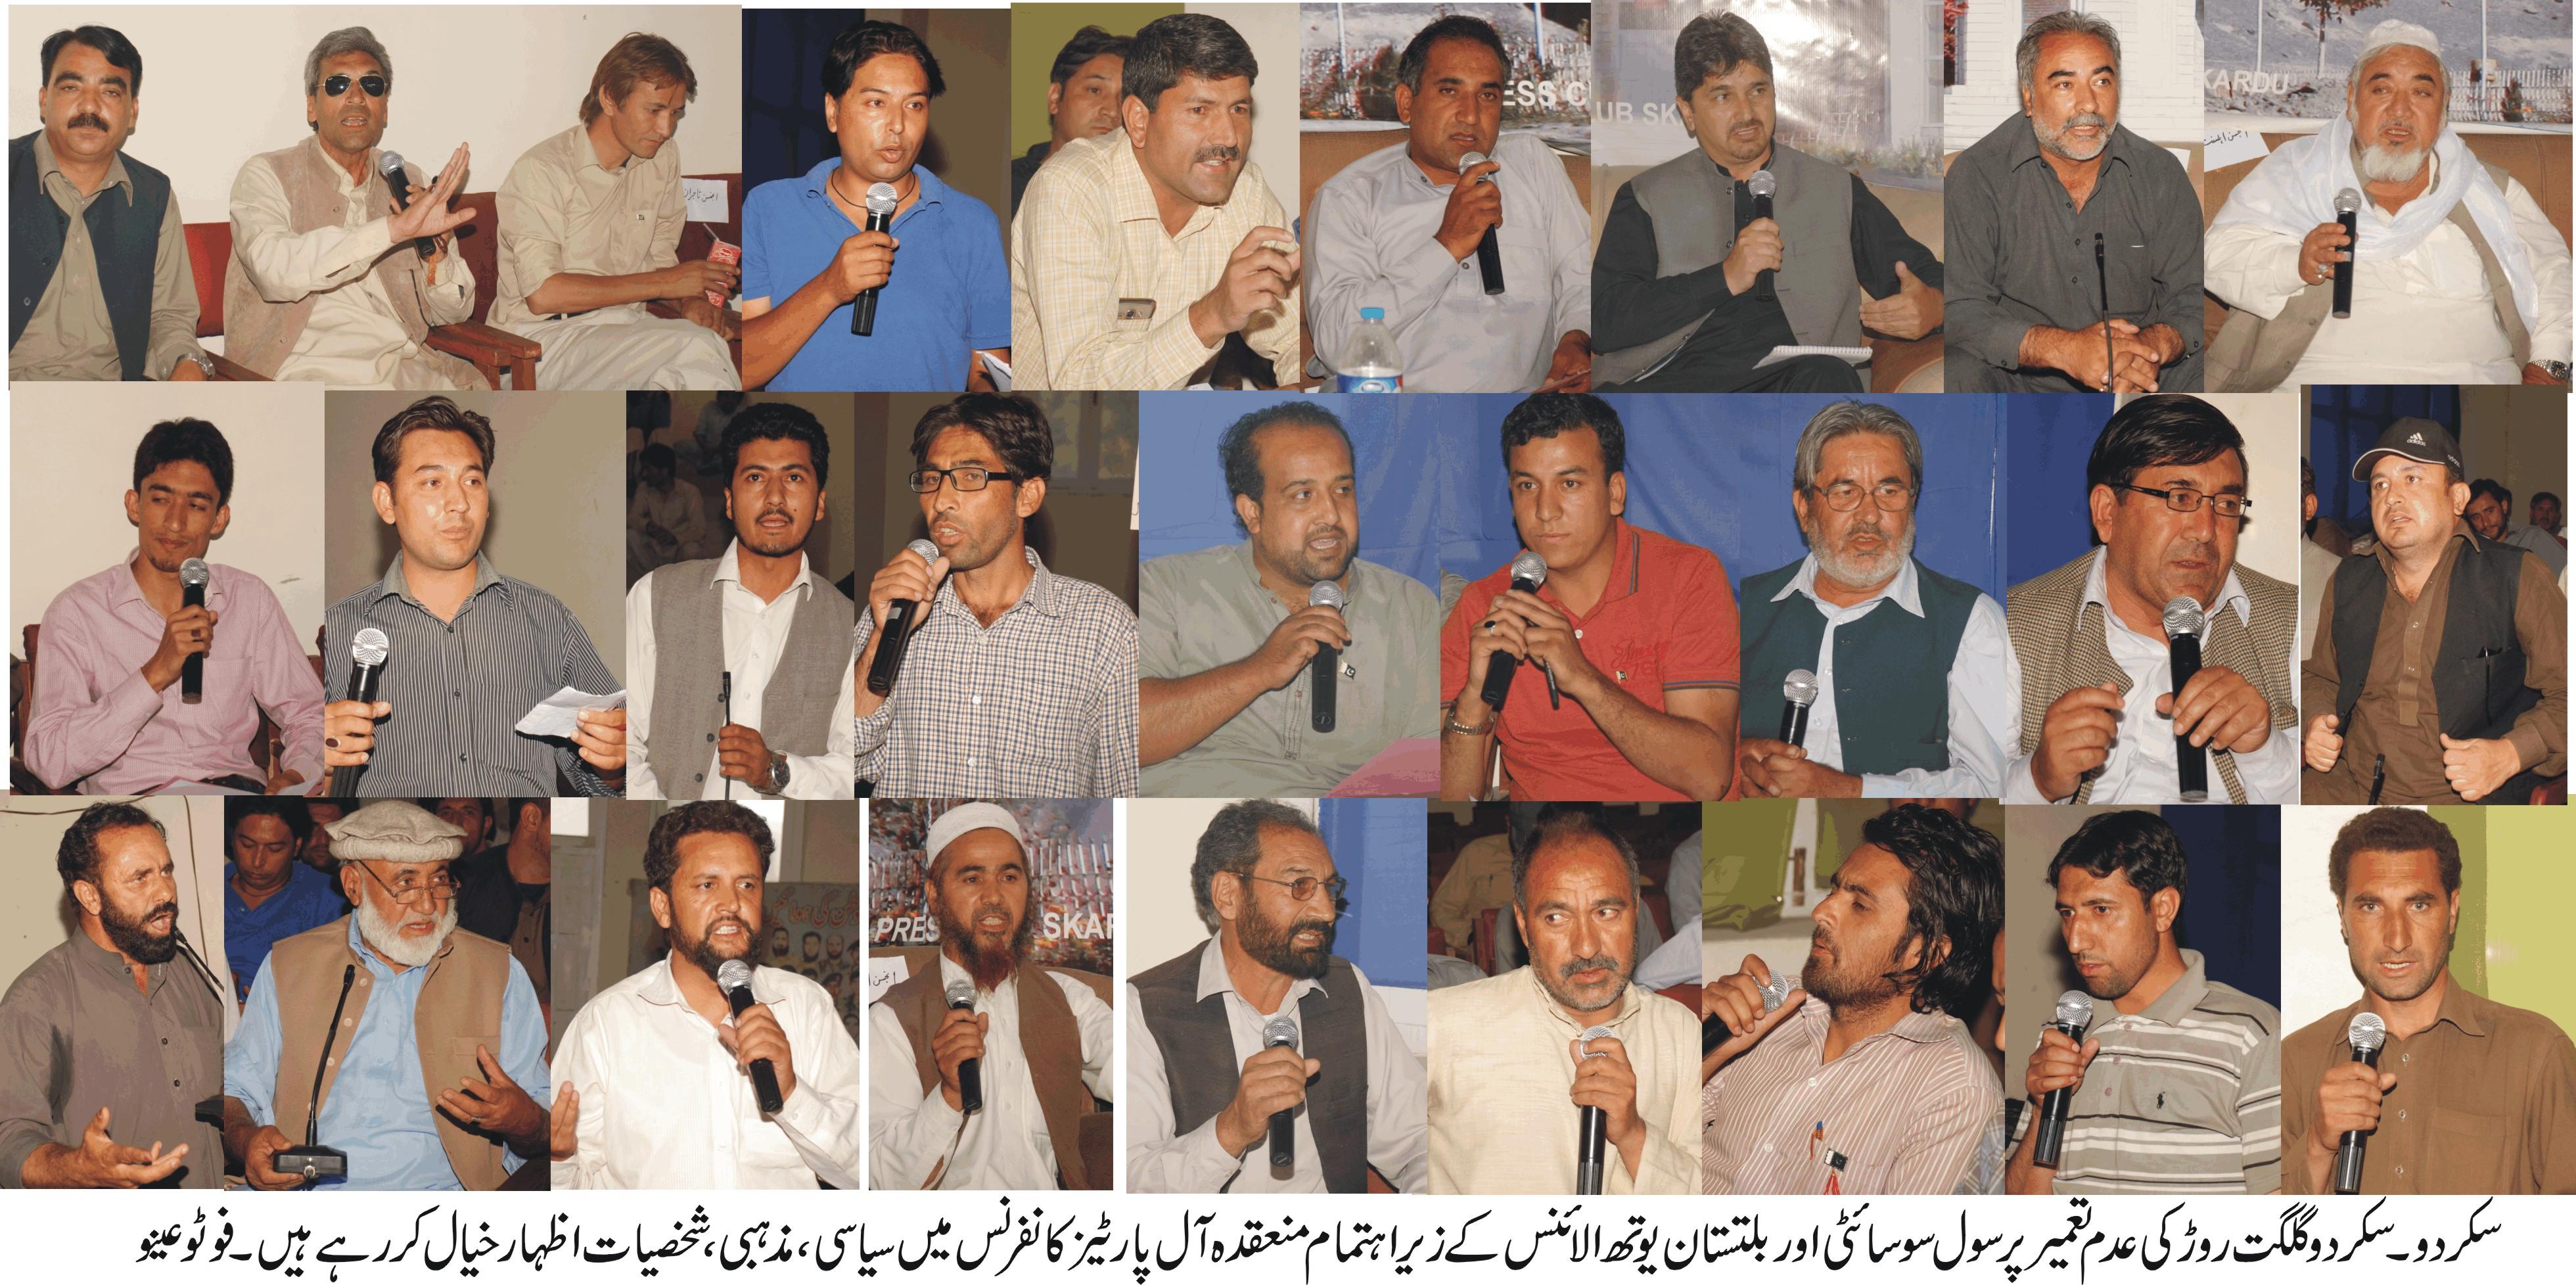 گلگت سکردو روڑ کی عدم تعمیر سے بلتستان کے شہریوں کی زندگی مشکلات کا شکار ہوگئی ہے، آل پارٹیز کانفرنس کا انعقاد